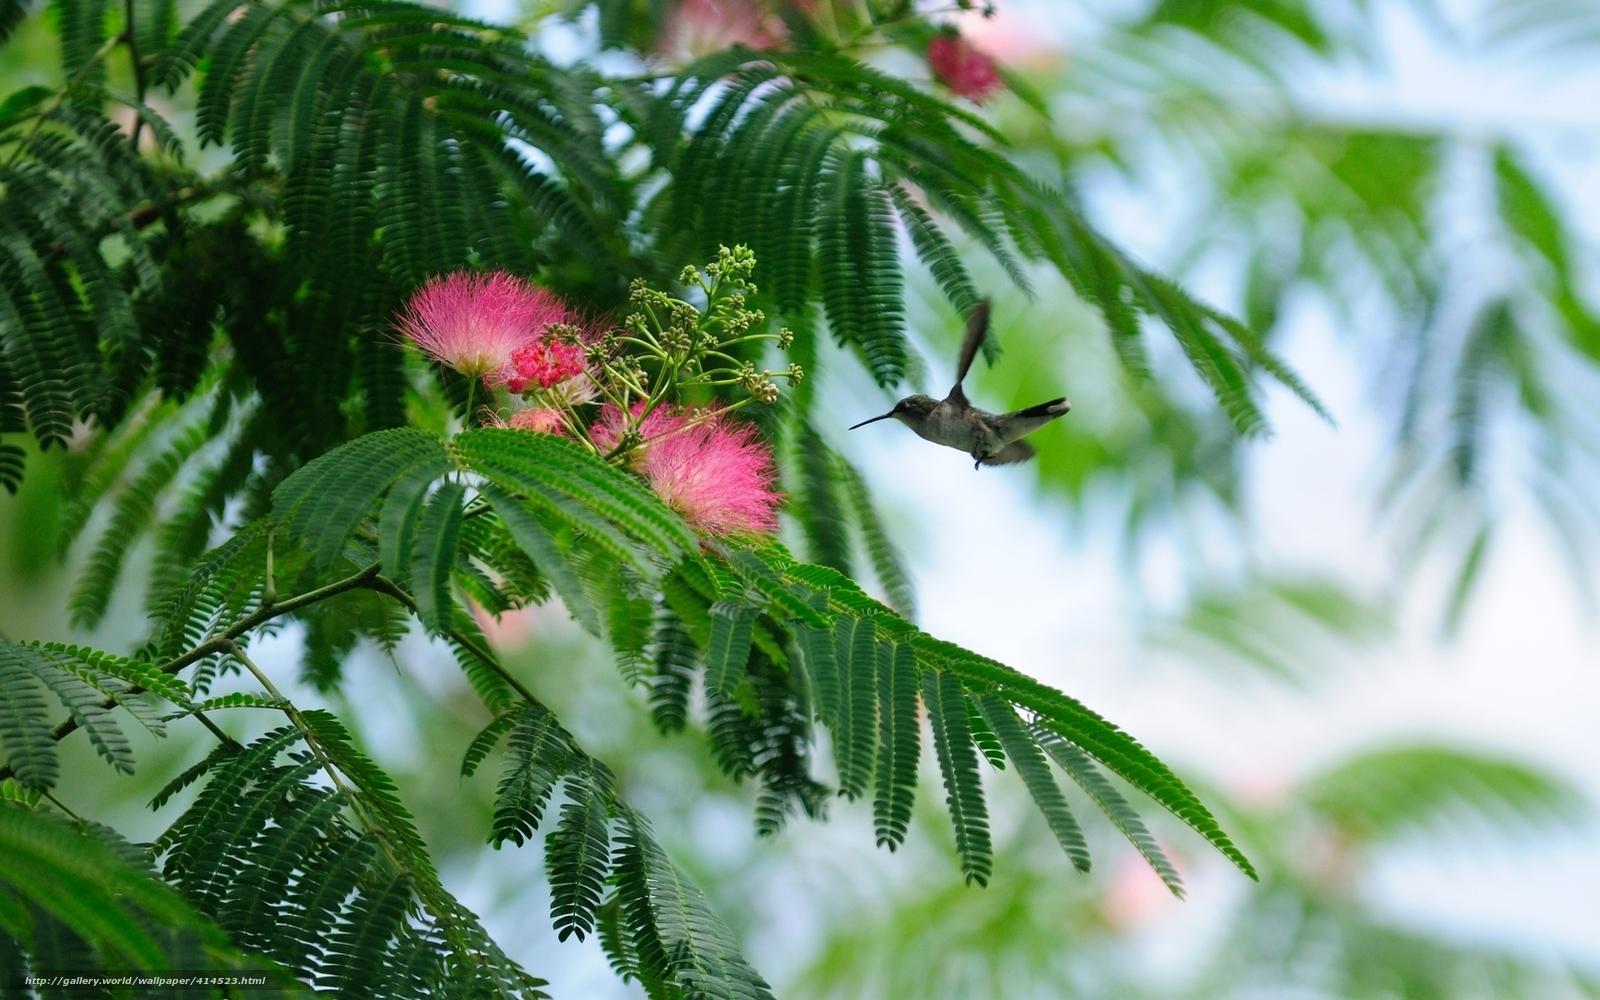 Tlcharger Fond d'ecran colibri,  Fleurs,  Acacia Lankaran,  oiseau Fonds d'ecran gratuits pour votre rsolution du bureau 1680x1050 — image №414523